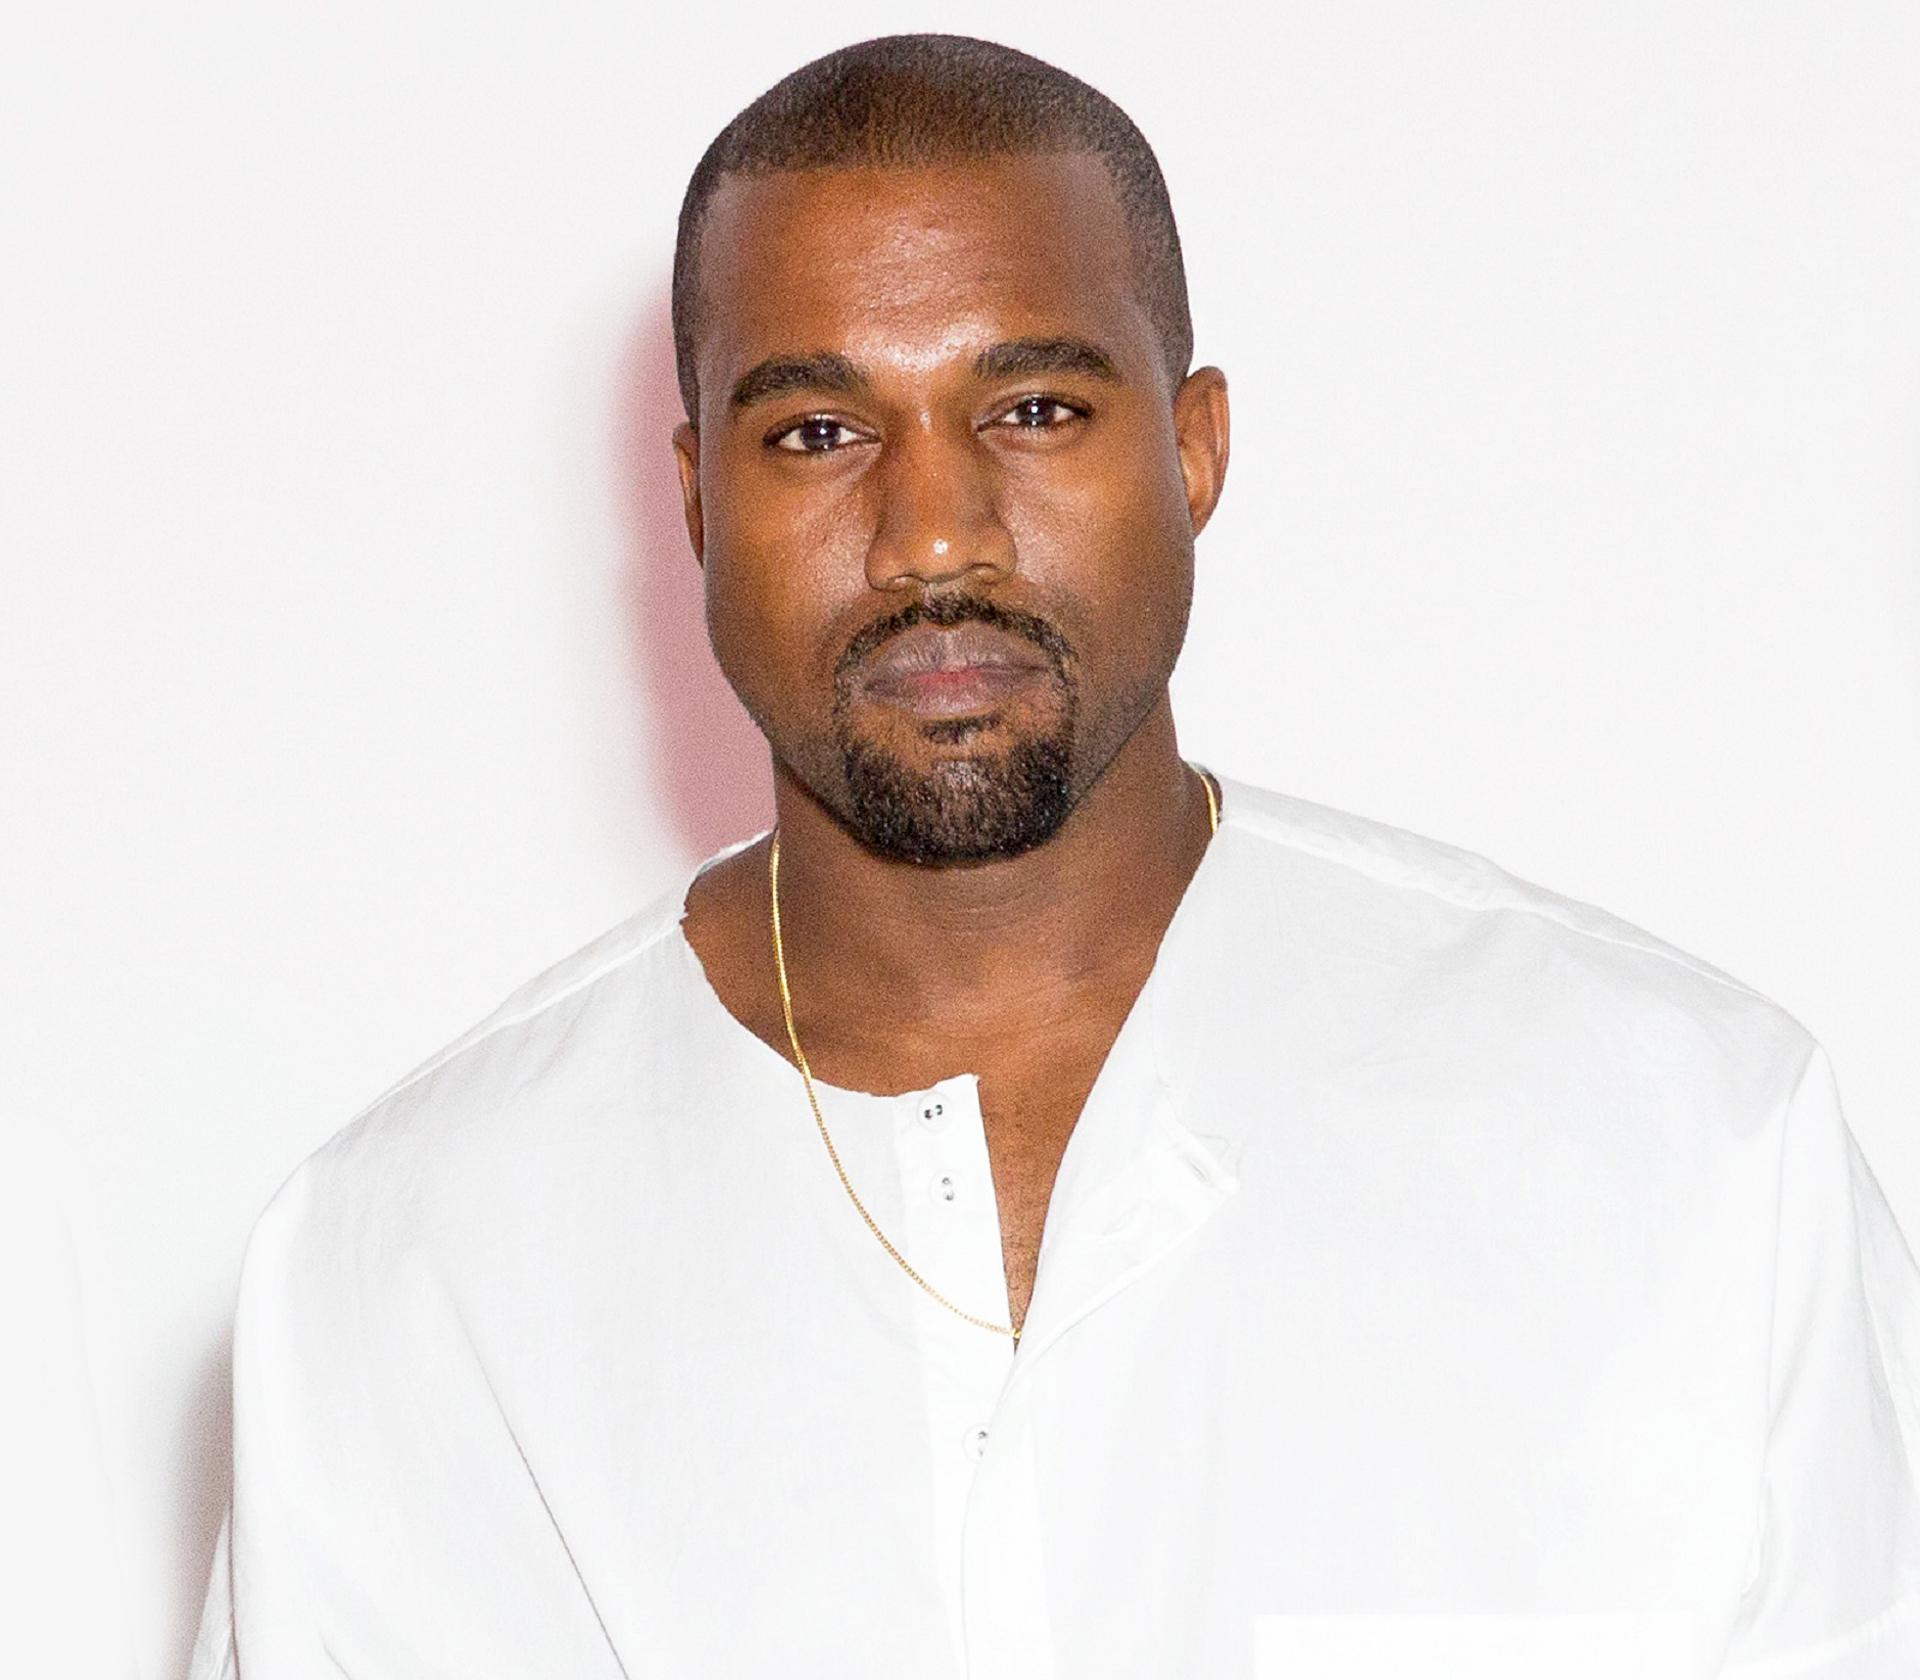 Kanye West Background